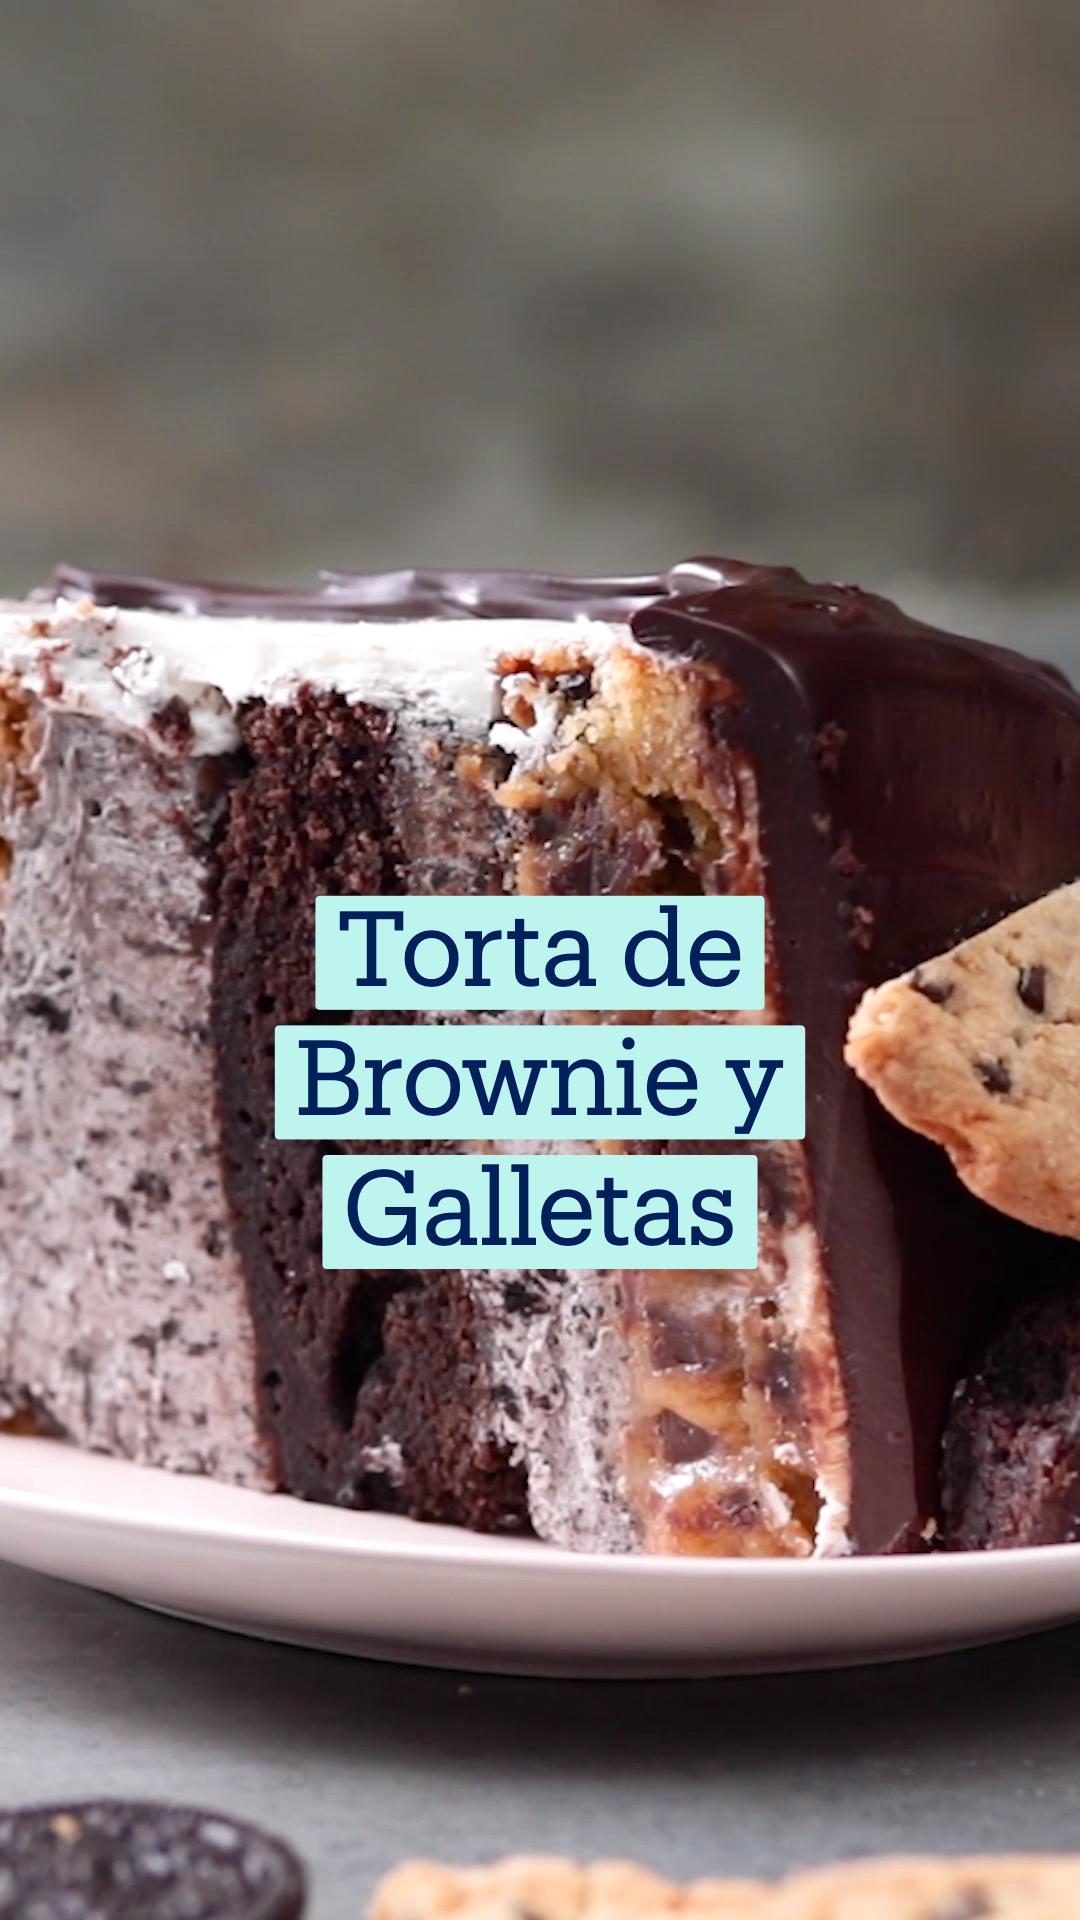 Torta de Brownie y Galletas